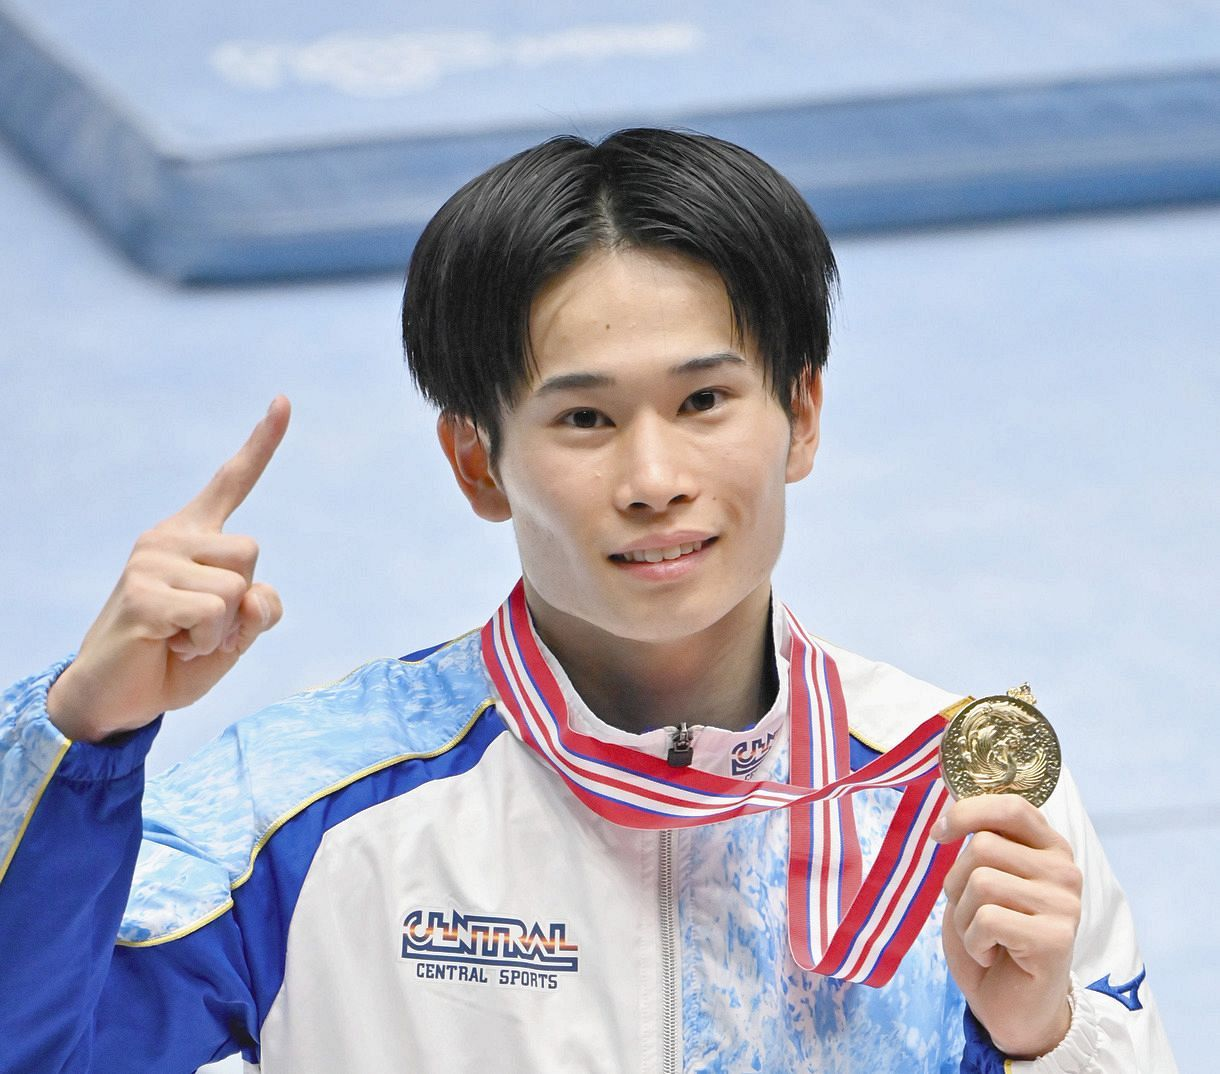 萱和磨、体操個人総合で全日本初V 「こんなところでできなかったら五輪は無理だろう」強気な24歳:中日スポーツ・東京中日スポーツ